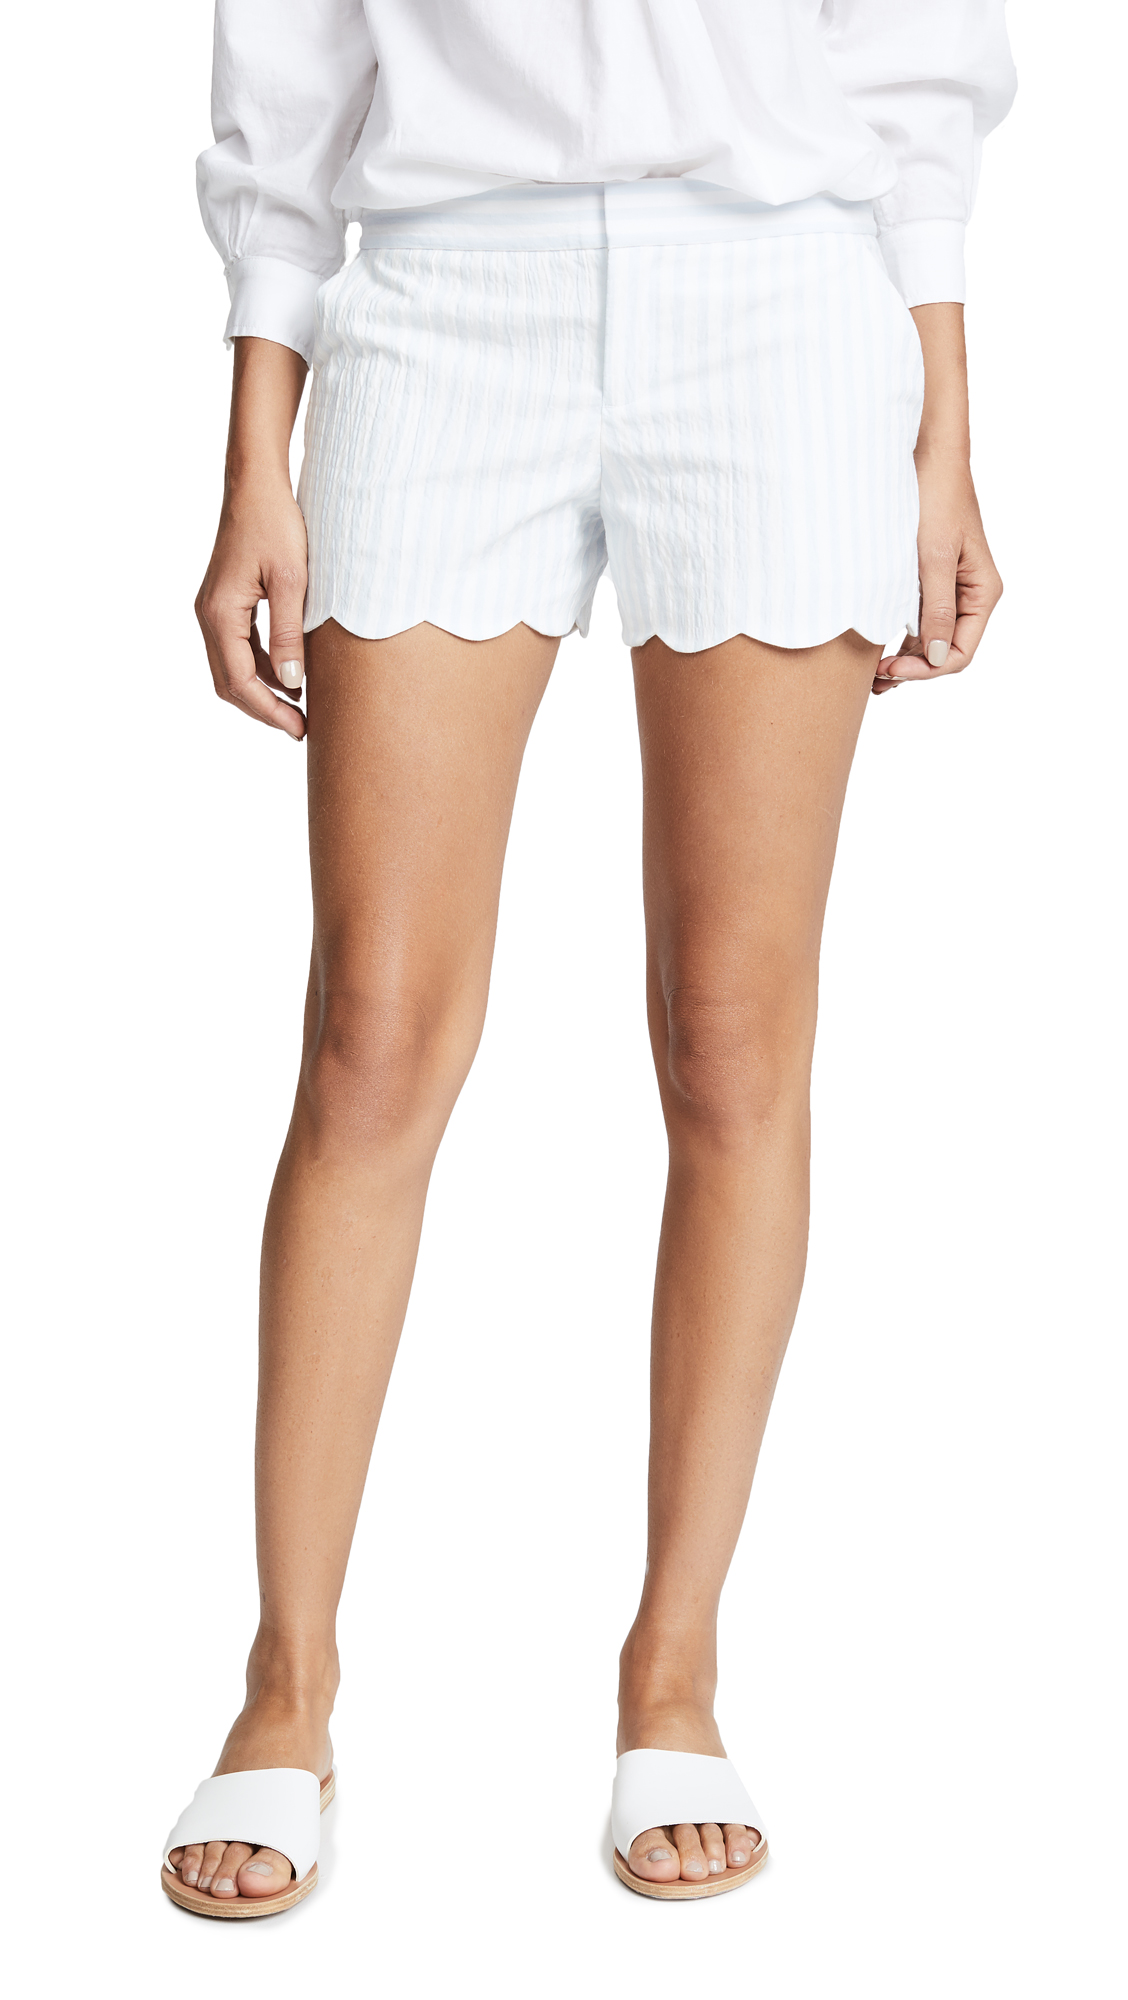 Club Monaco Amber Shorts - White/Blue